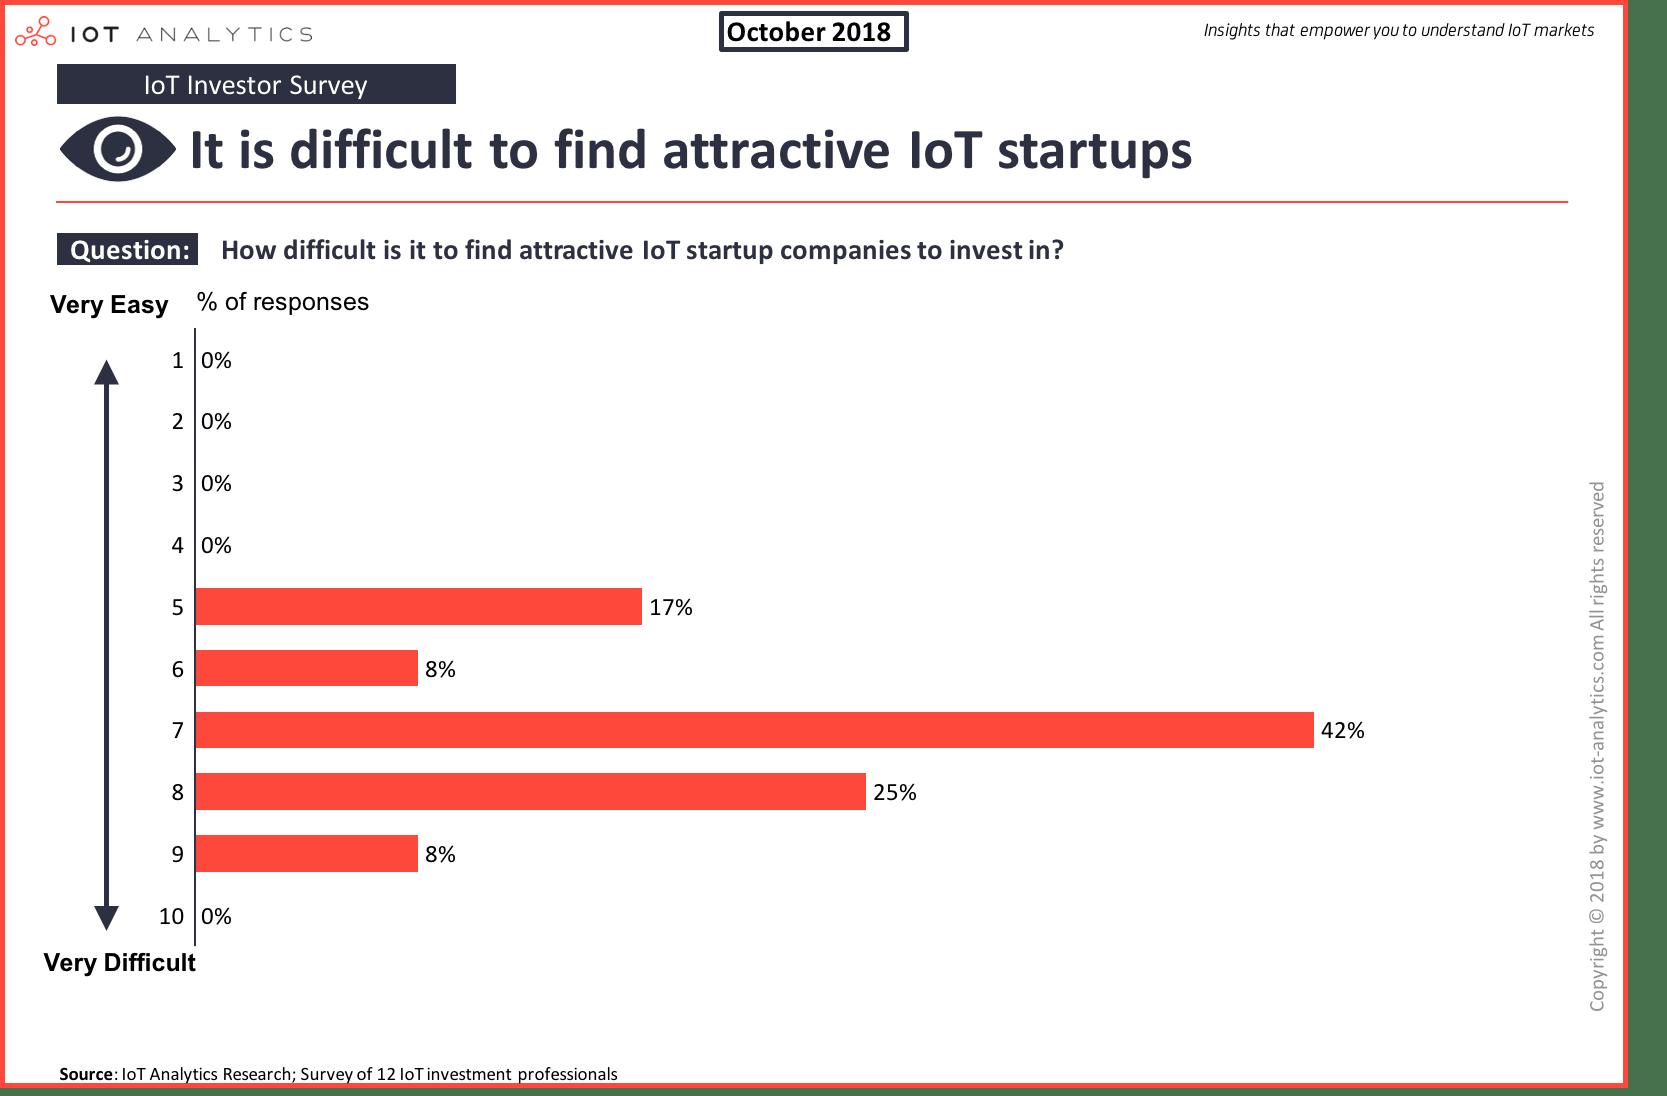 IoT investor survey Q4